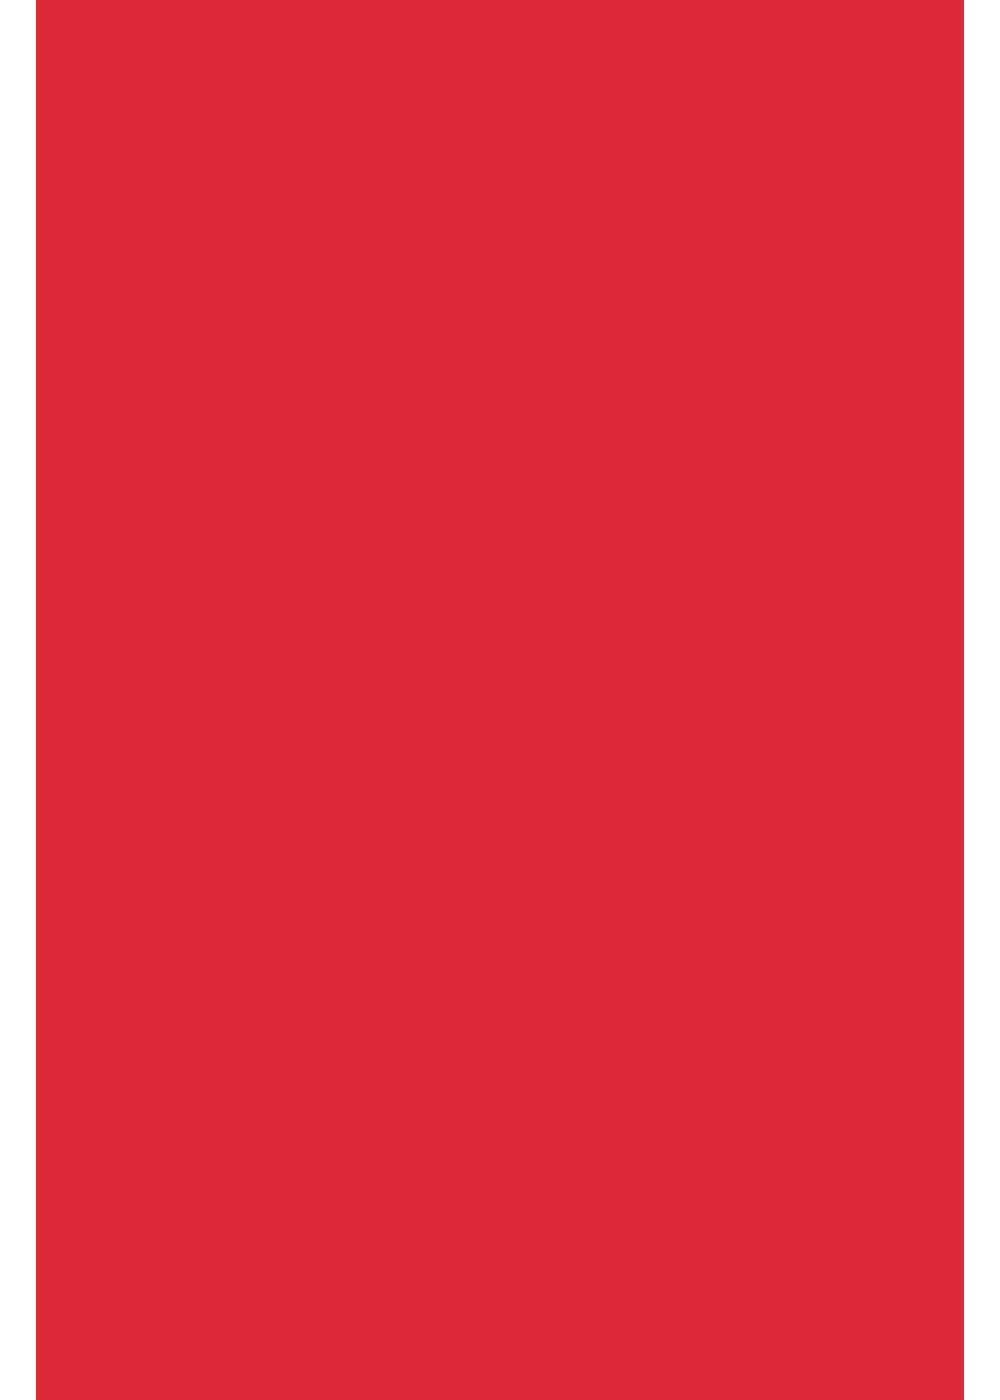 A4 Transferfolie//Textilfolie zum Aufb/ügeln auf Textilien perfekt zum Plottern Film:Neon Himbeere einzelne Folien P.S